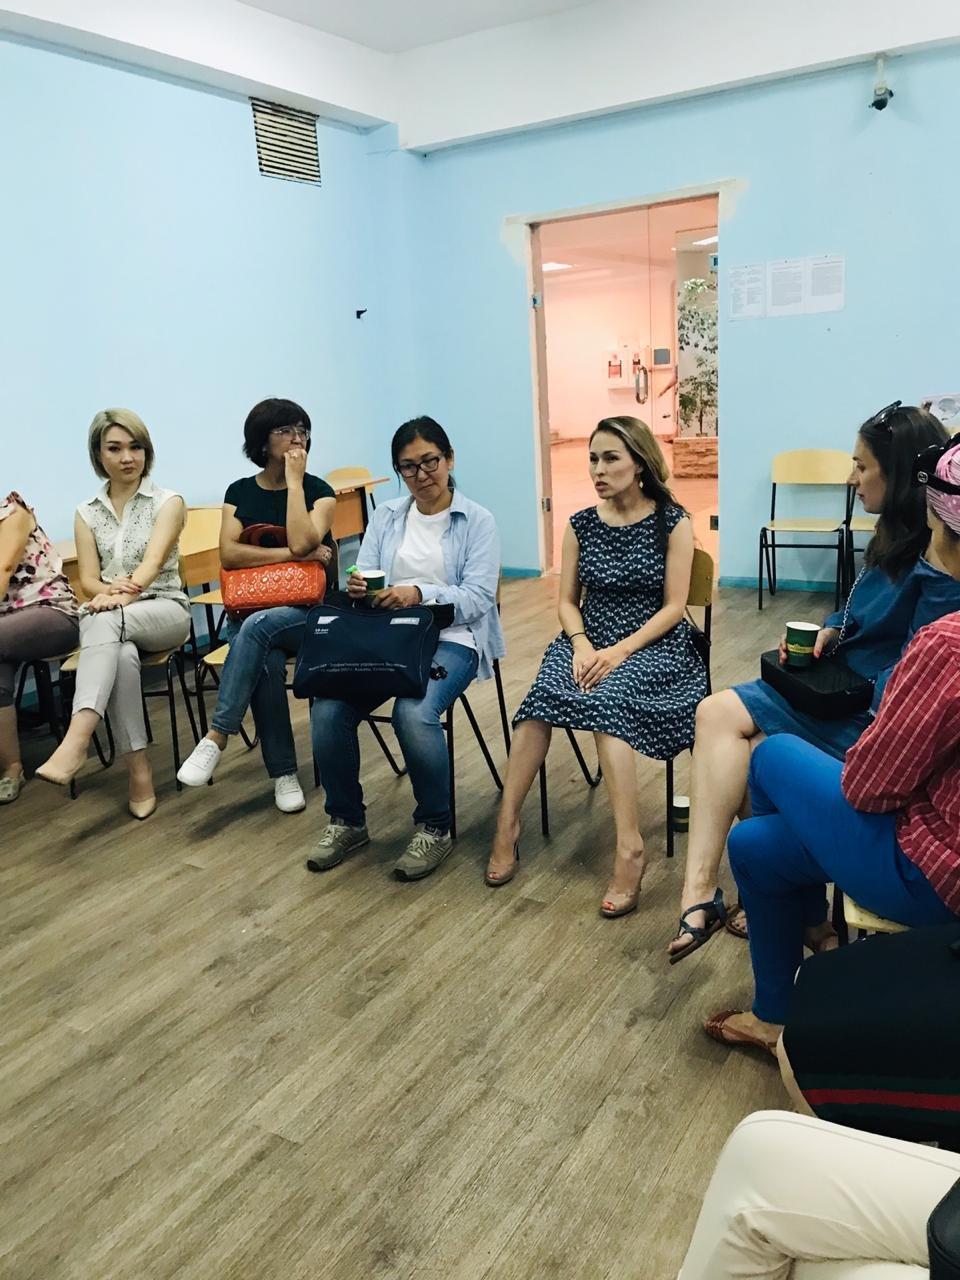 В Алматы районный акимат на тренинг для многодетных пригласил визажиста и нумеролога, фото-5